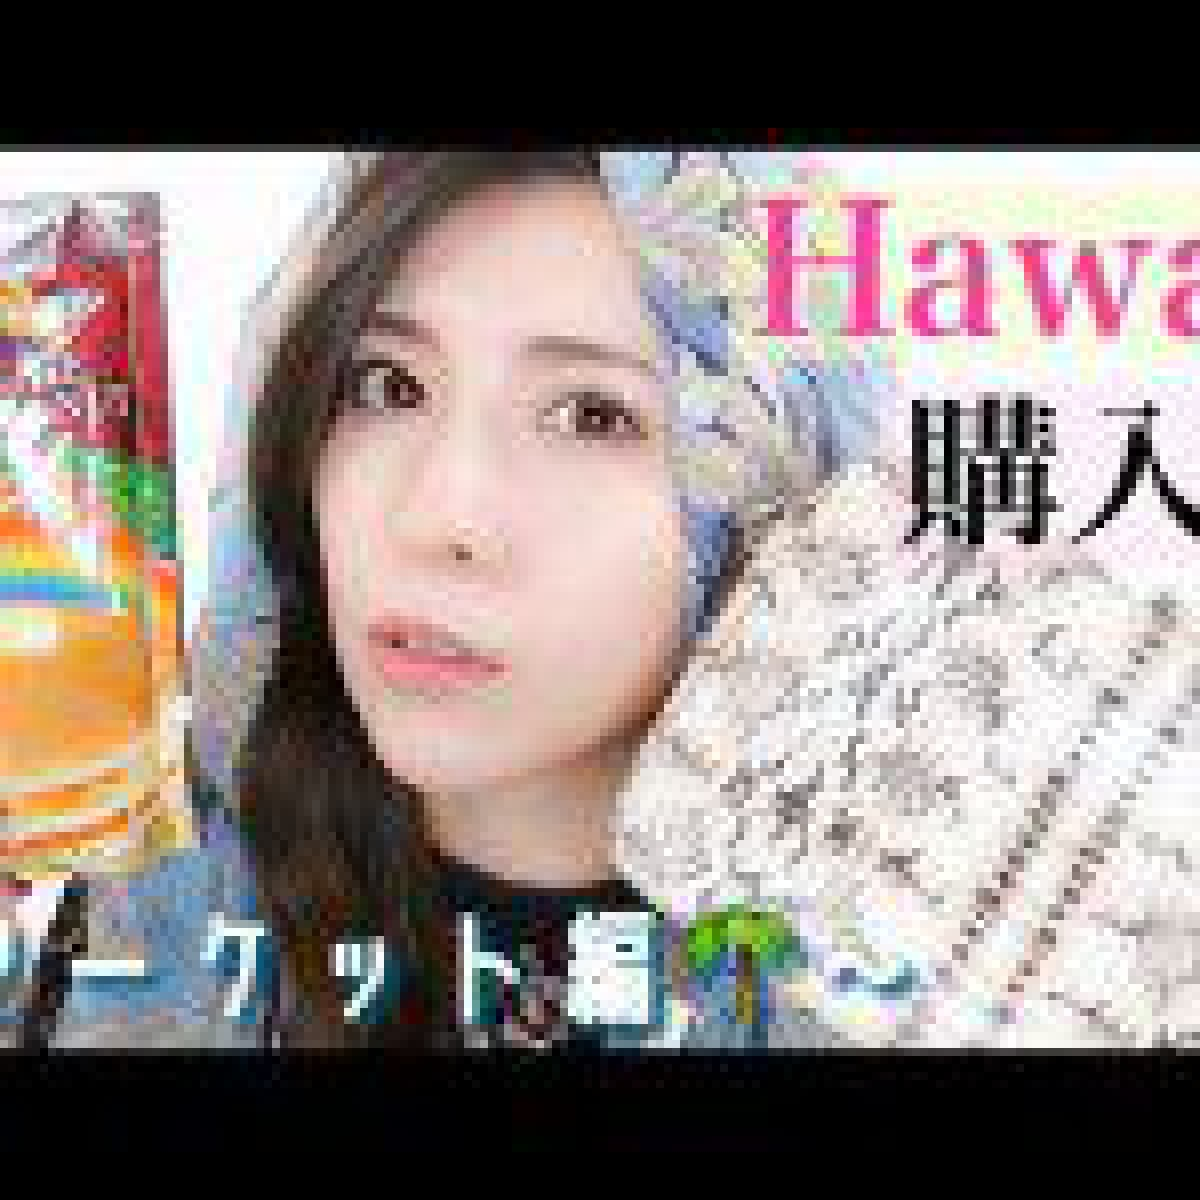 【大量】ハワイ旅行✈️マーケットでの購入品♪食べ物・コスメ・お洋服・ブランドバッグ